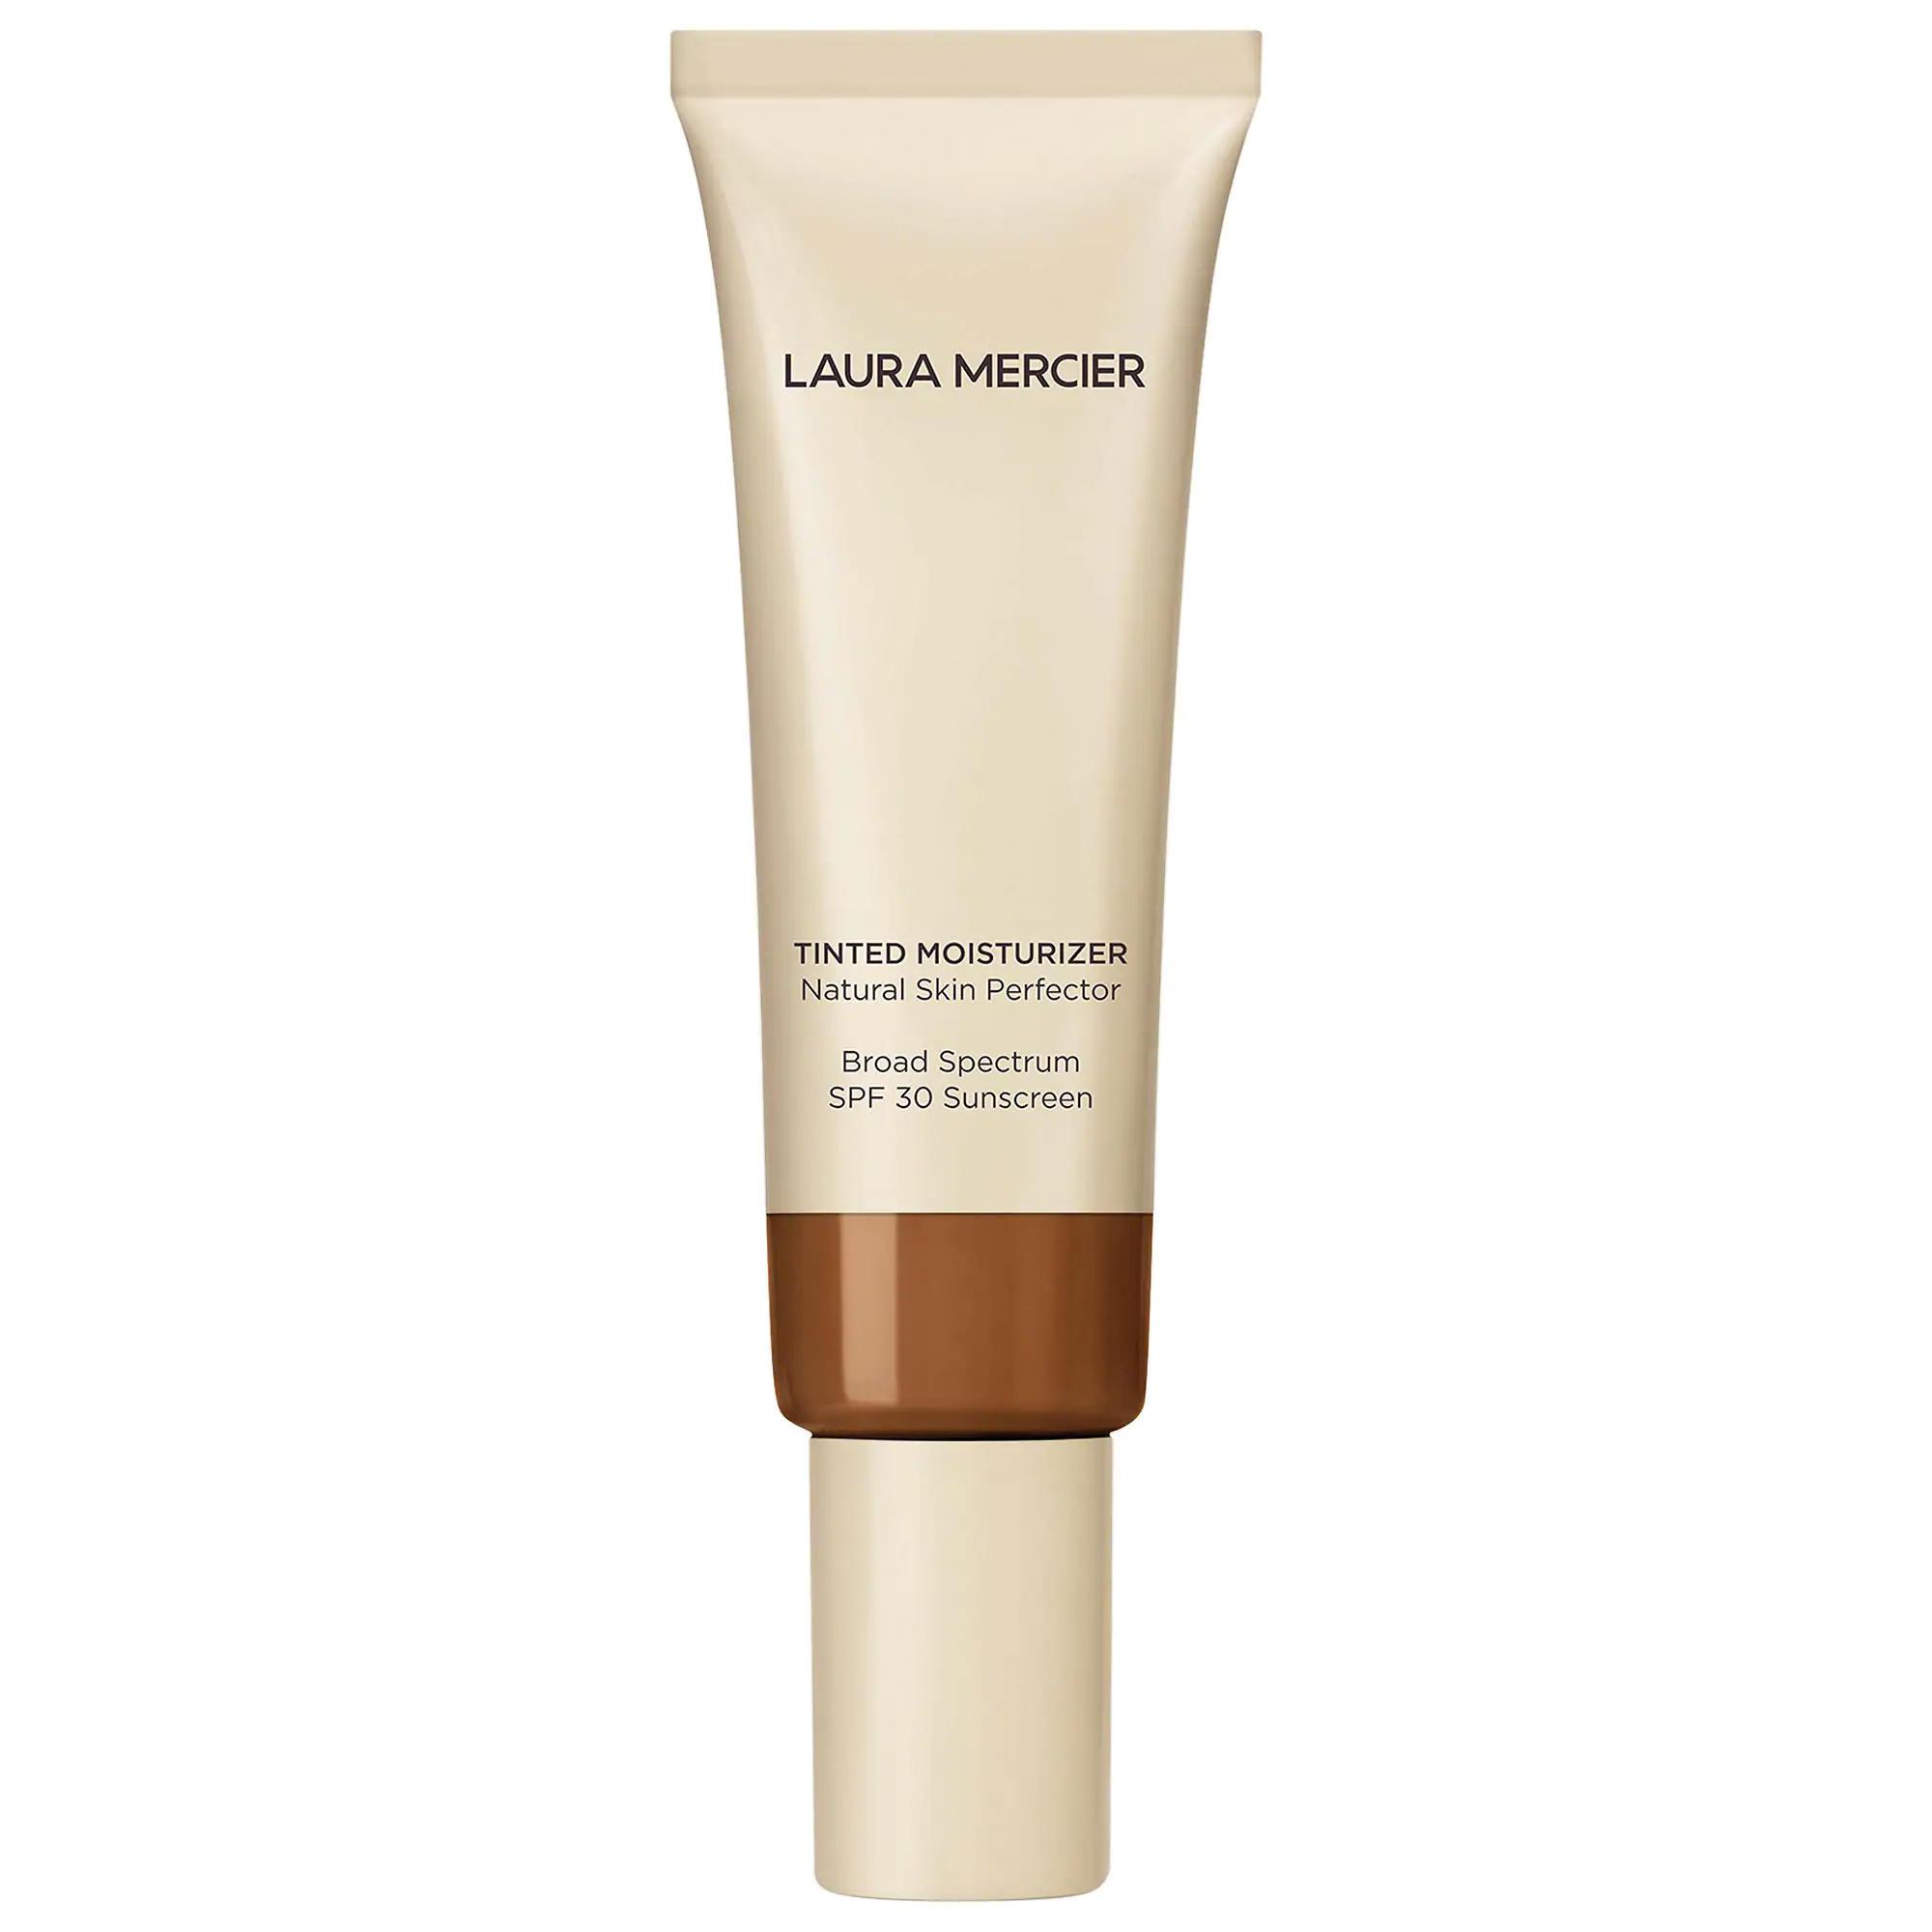 Laura Mercier Tinted Moisturizer Natural Skin Perfector Ganache 6W1